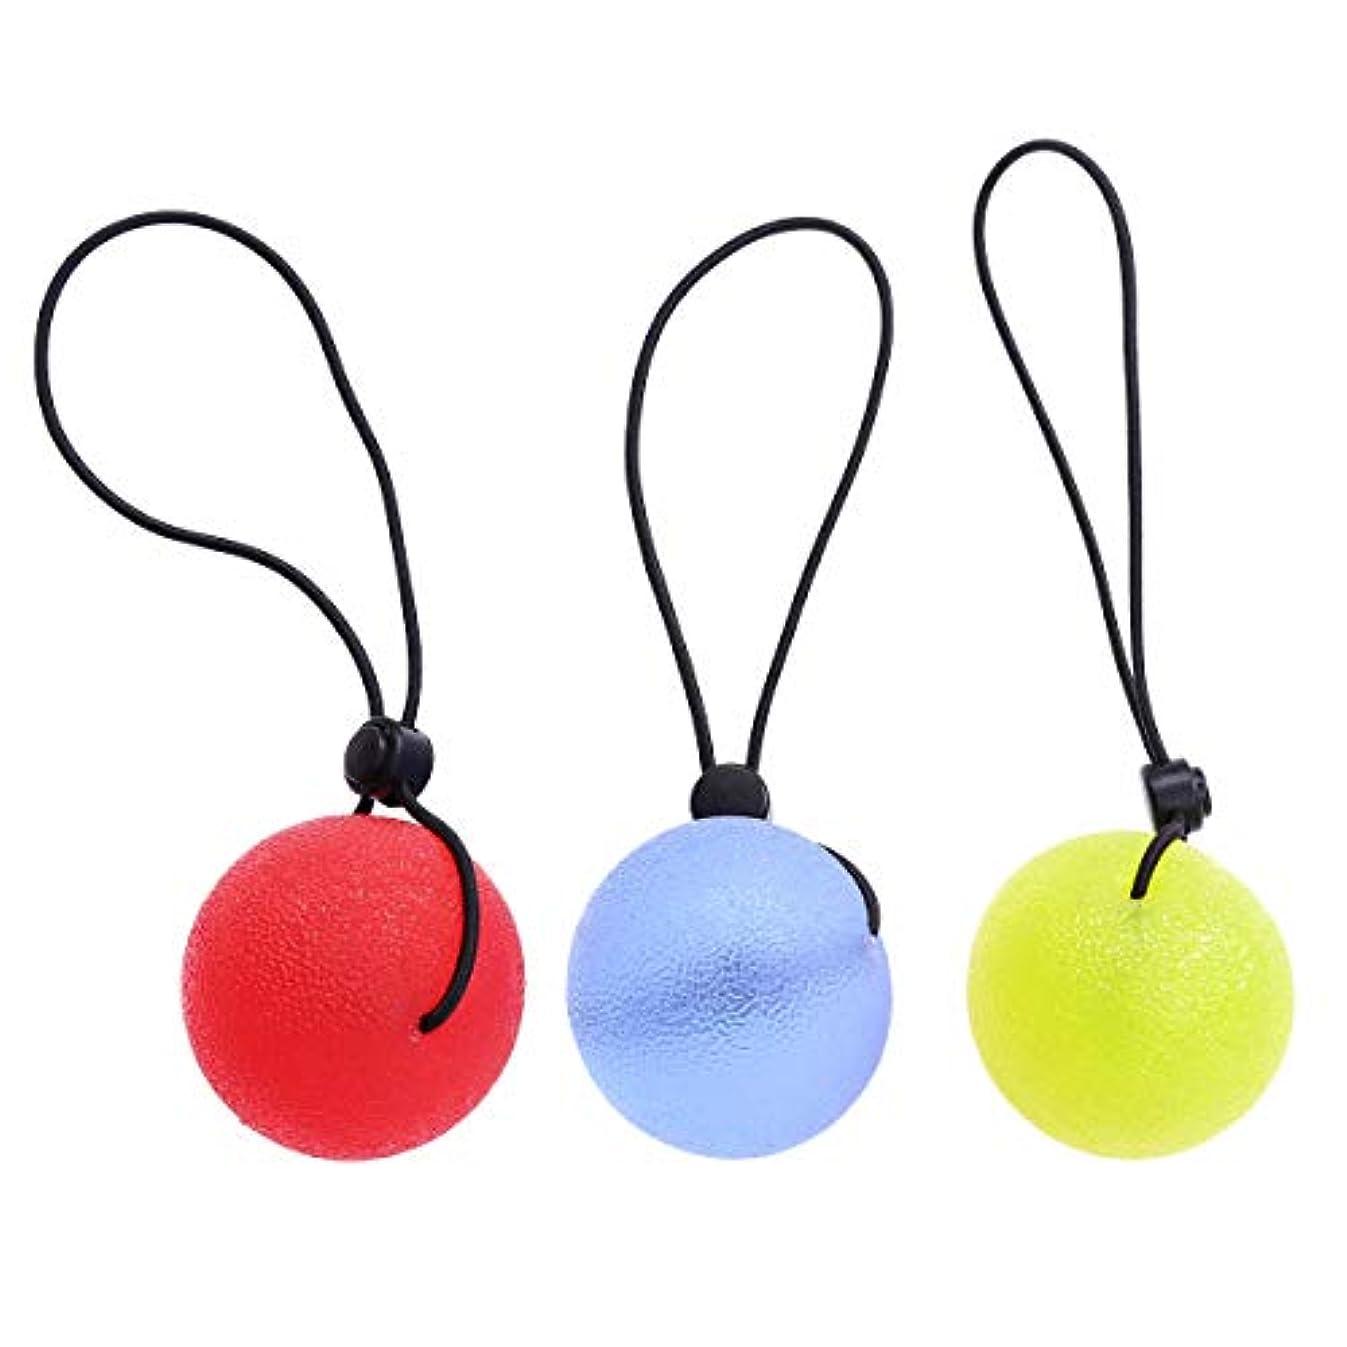 葉を集めるそれに応じて座標SUPVOX 3個シリコーングリップボールハンドエクササイズボールハンドセラピー強化剤トレーナー